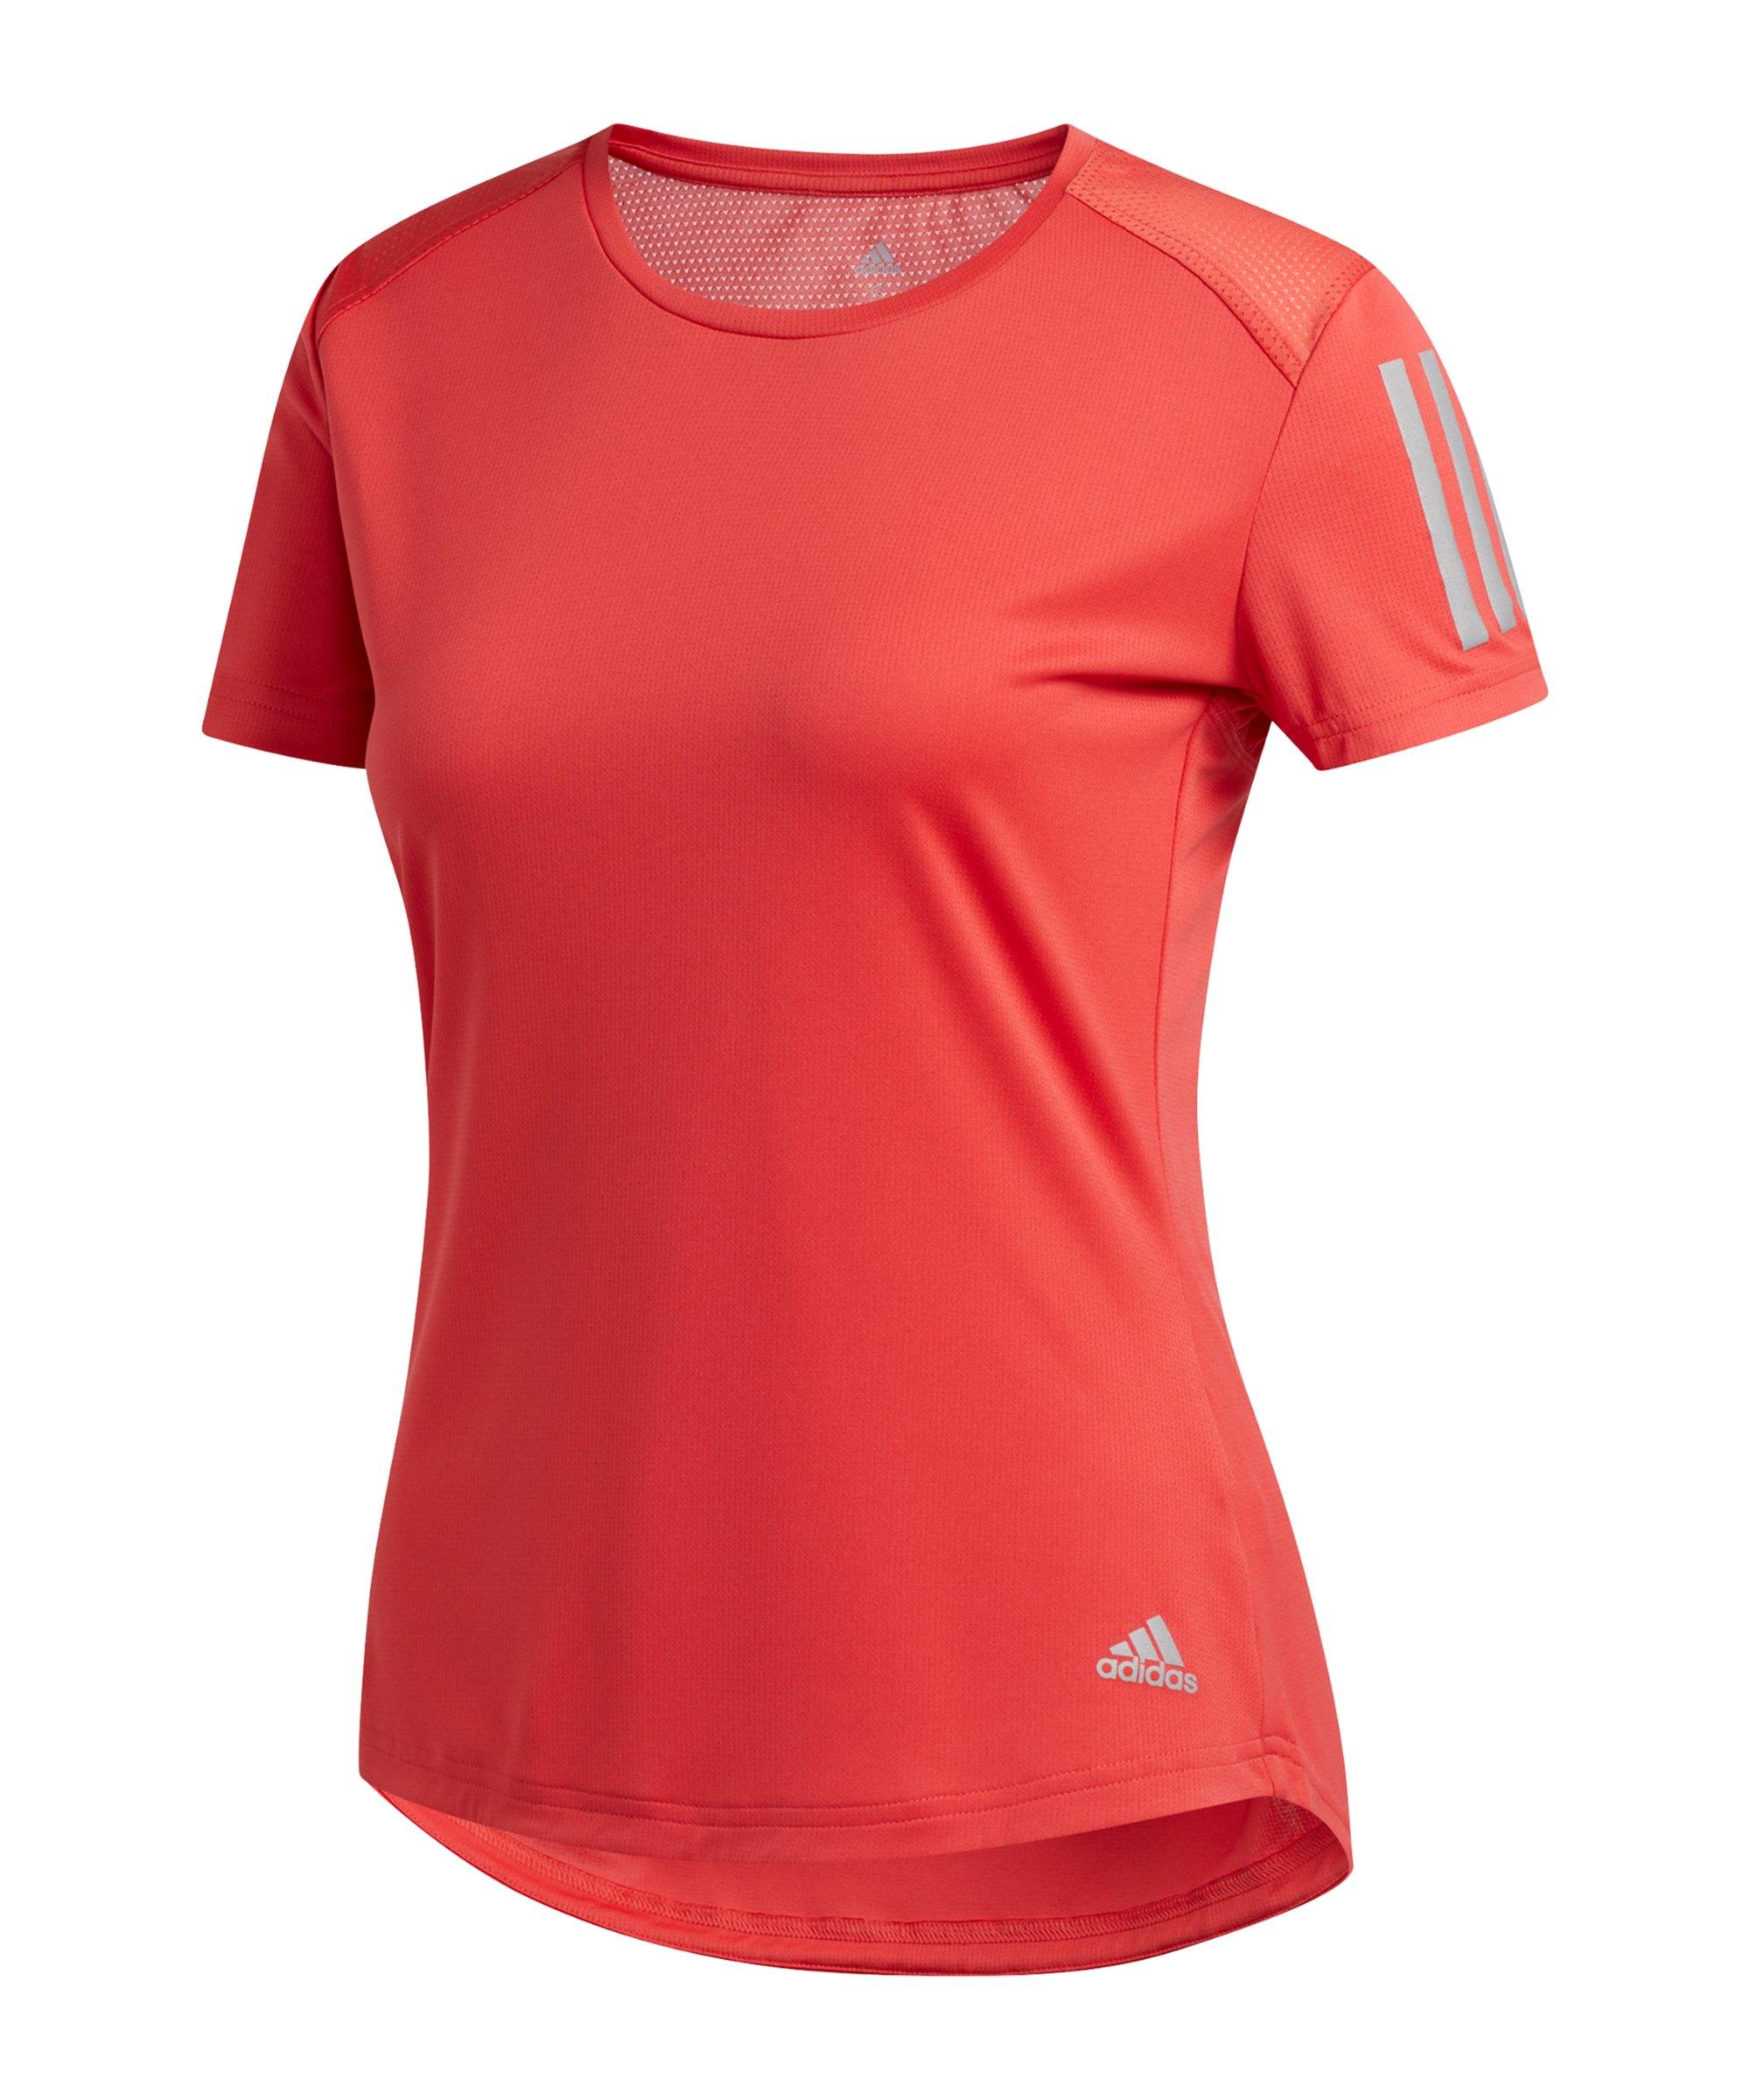 adidas Own The Run T-Shirt Running Damen Rot - rot